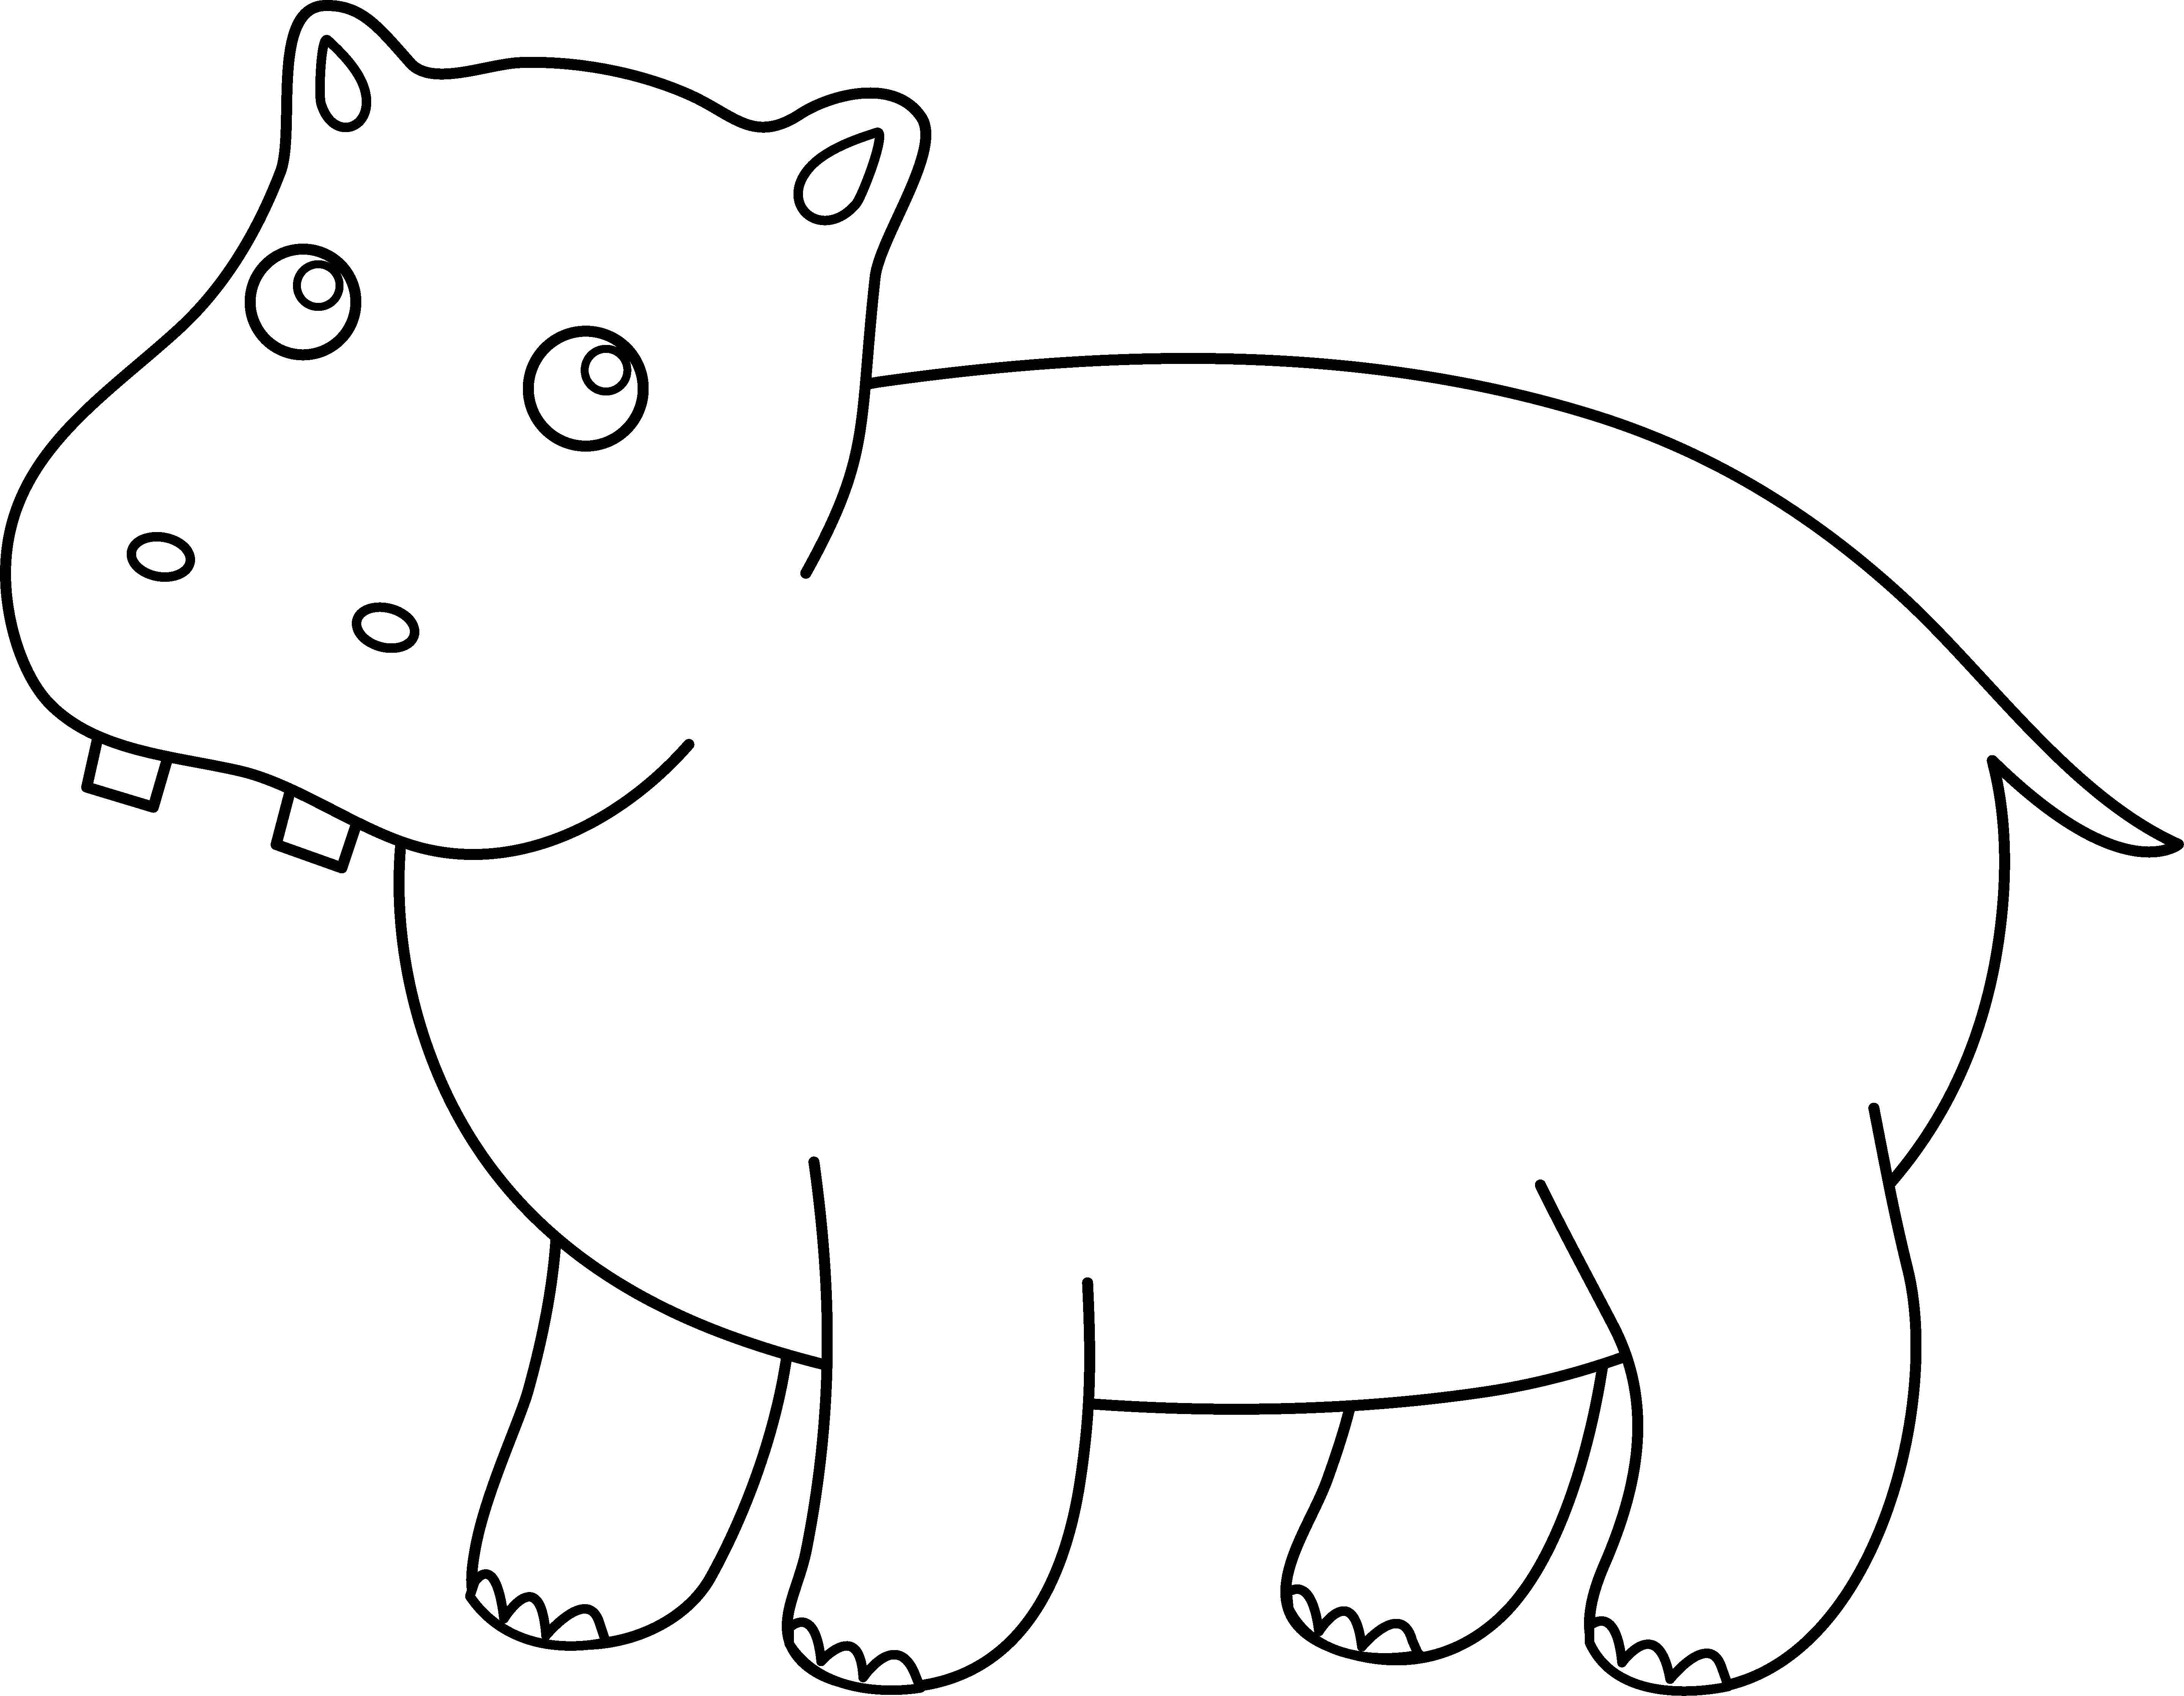 Раскраски бегемоты и гиппопотамы   Контру маленького бегемотика